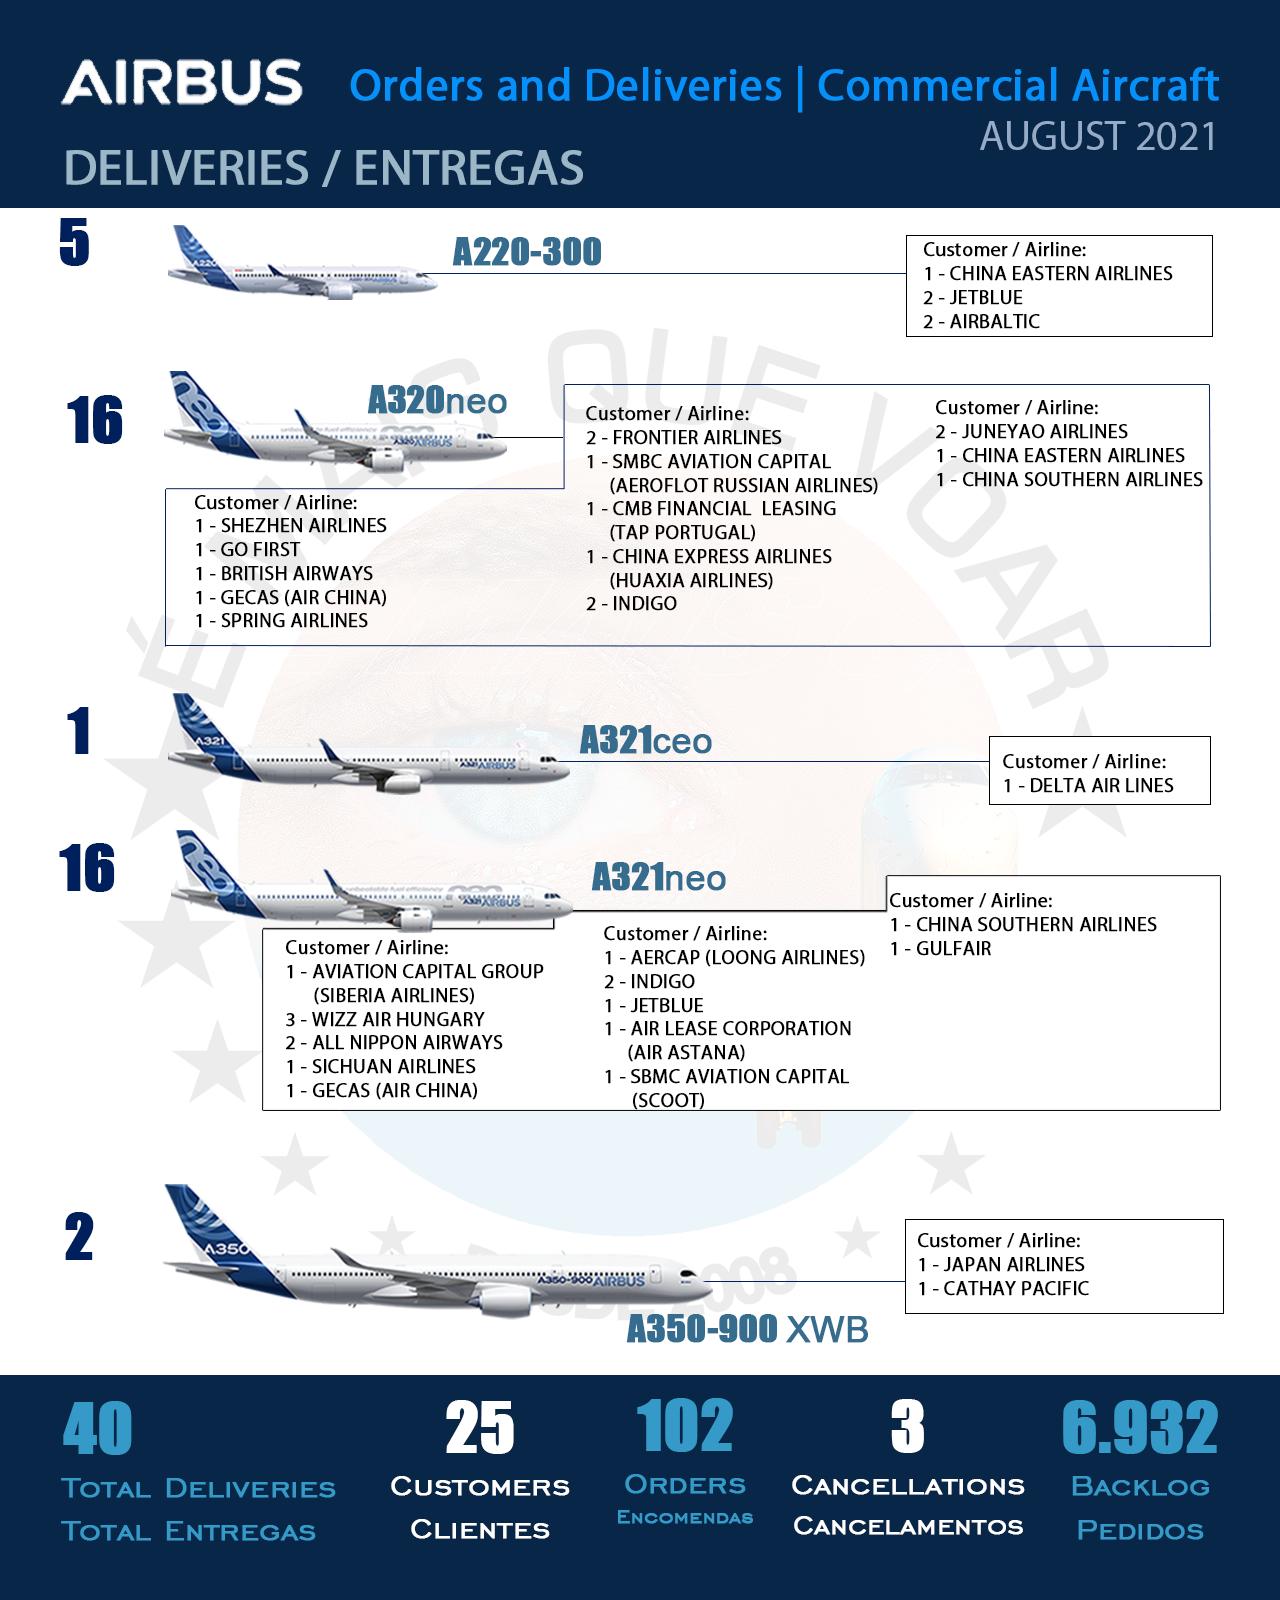 INFOGRÁFICO: Encomendas e Entregas Aeronaves Comerciais da Airbus – Agosto 2021